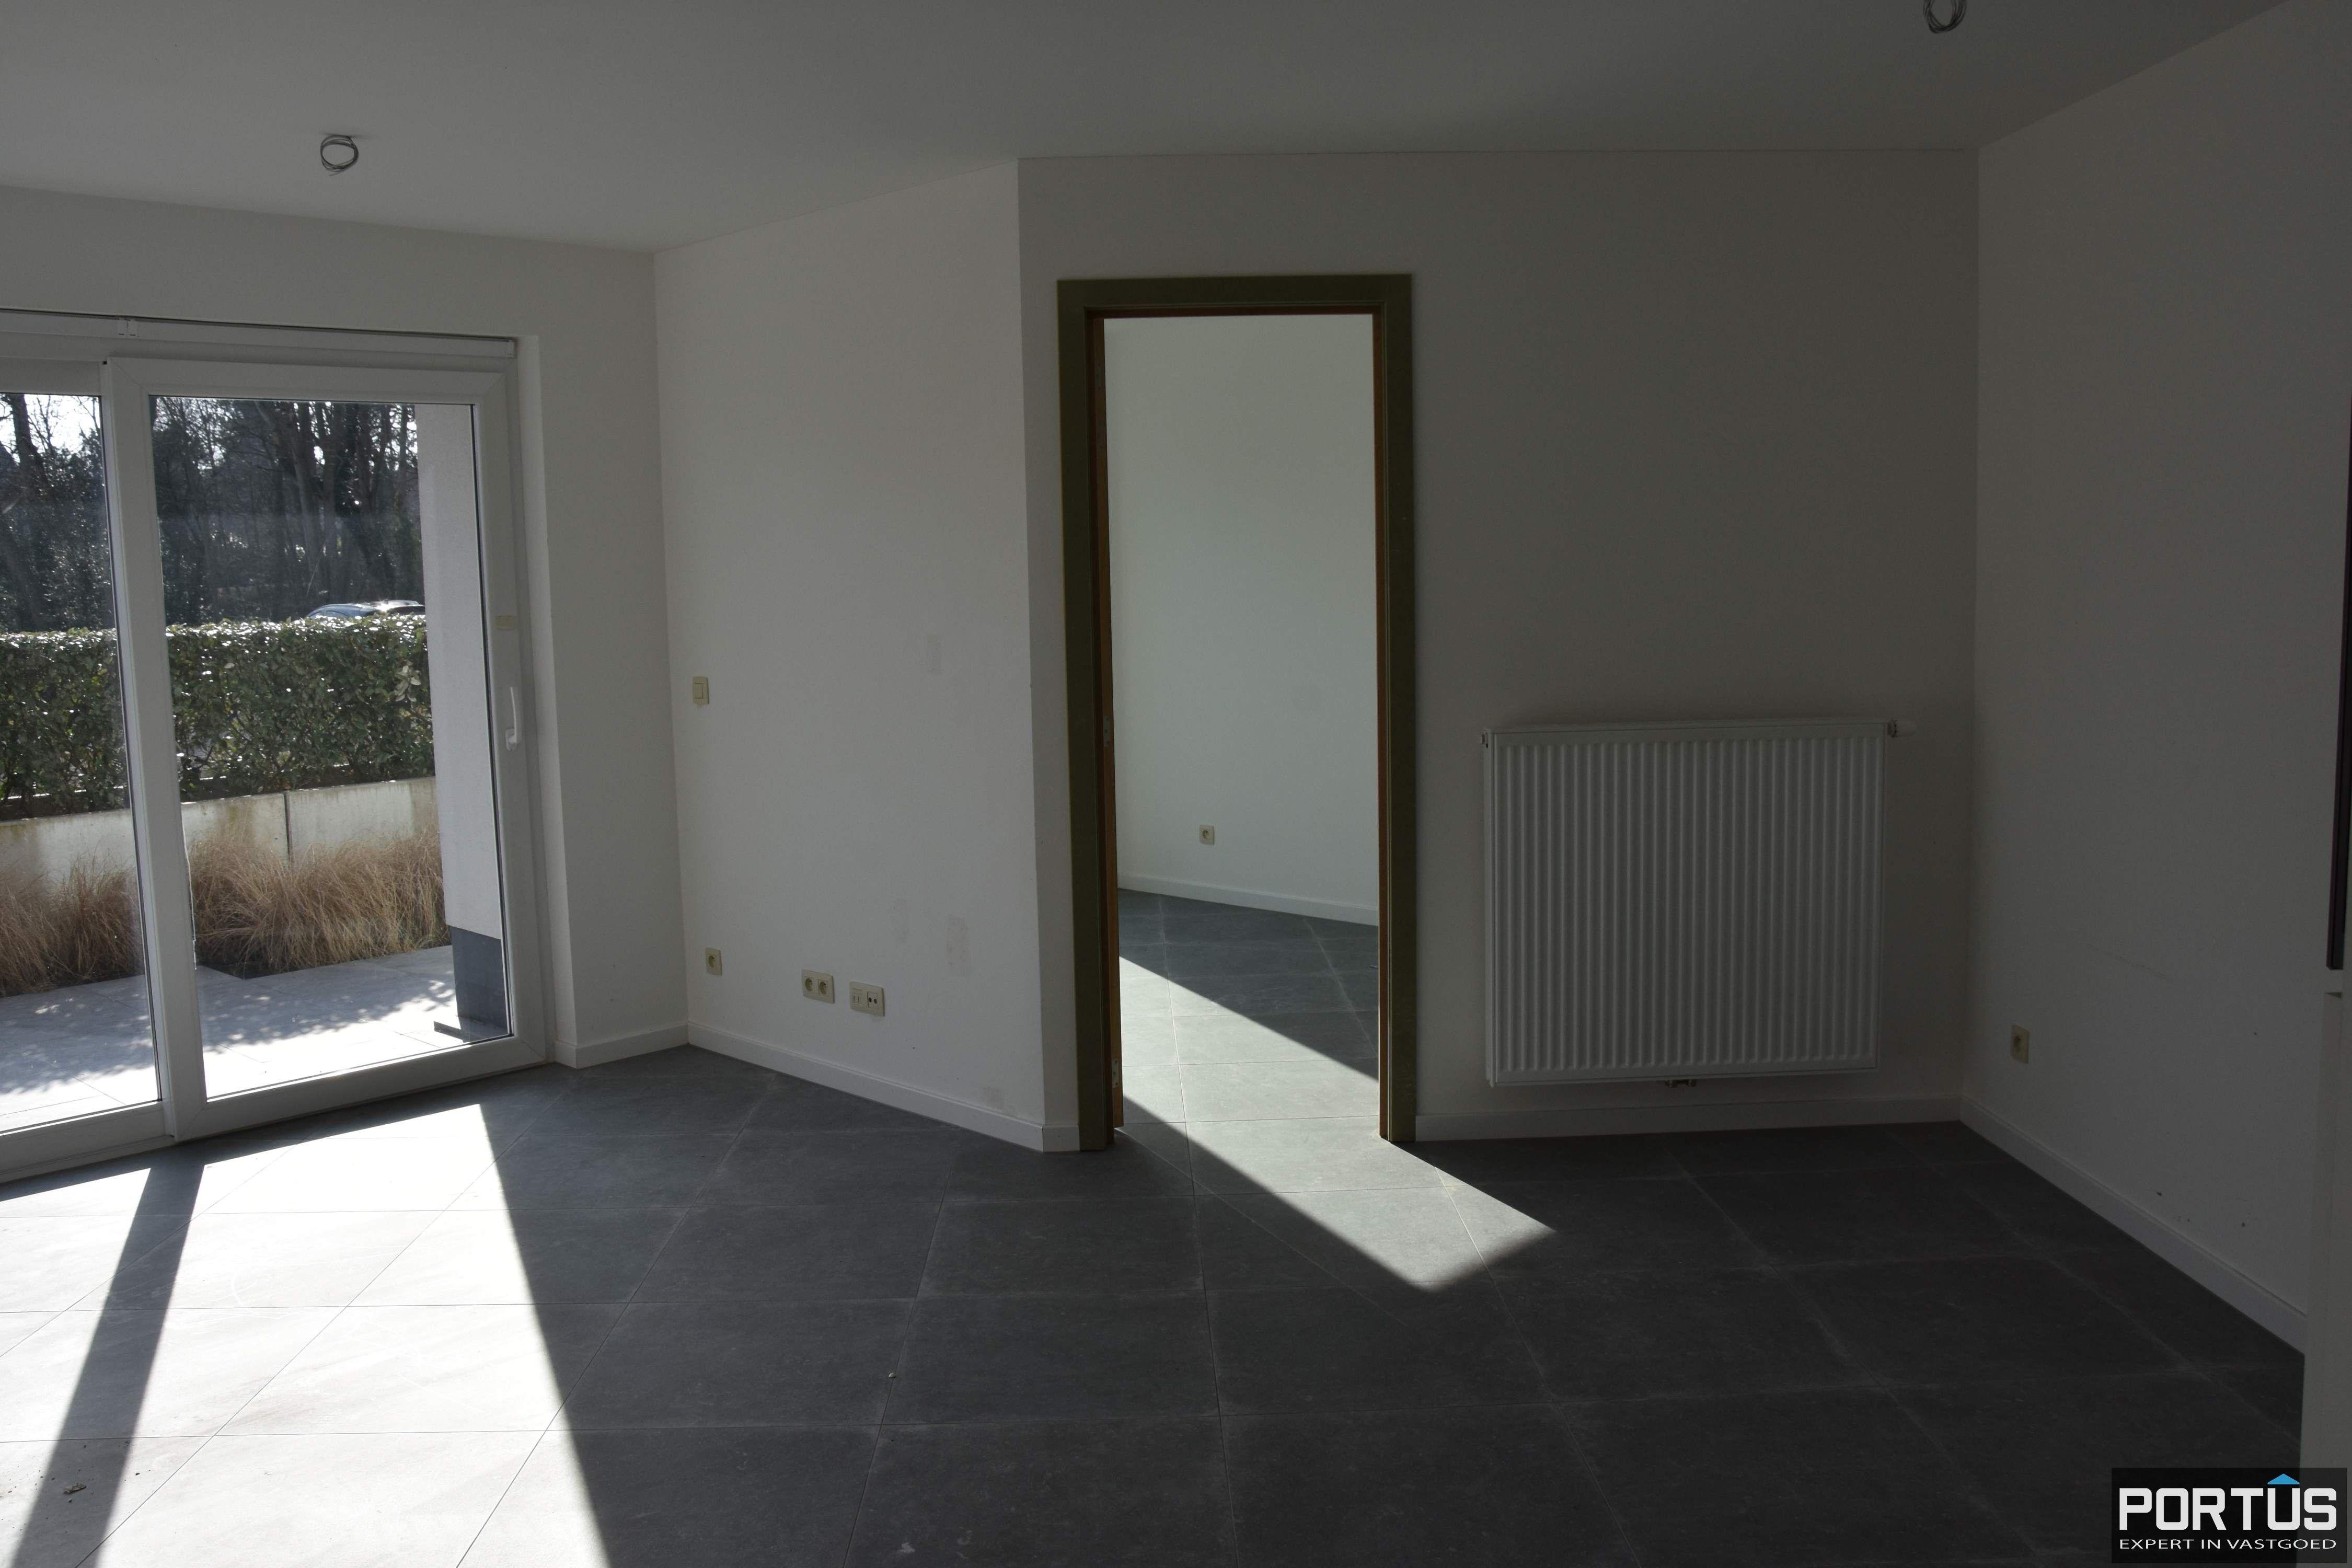 Appartement Residentie Villa Crombez Nieuwpoort - 9280